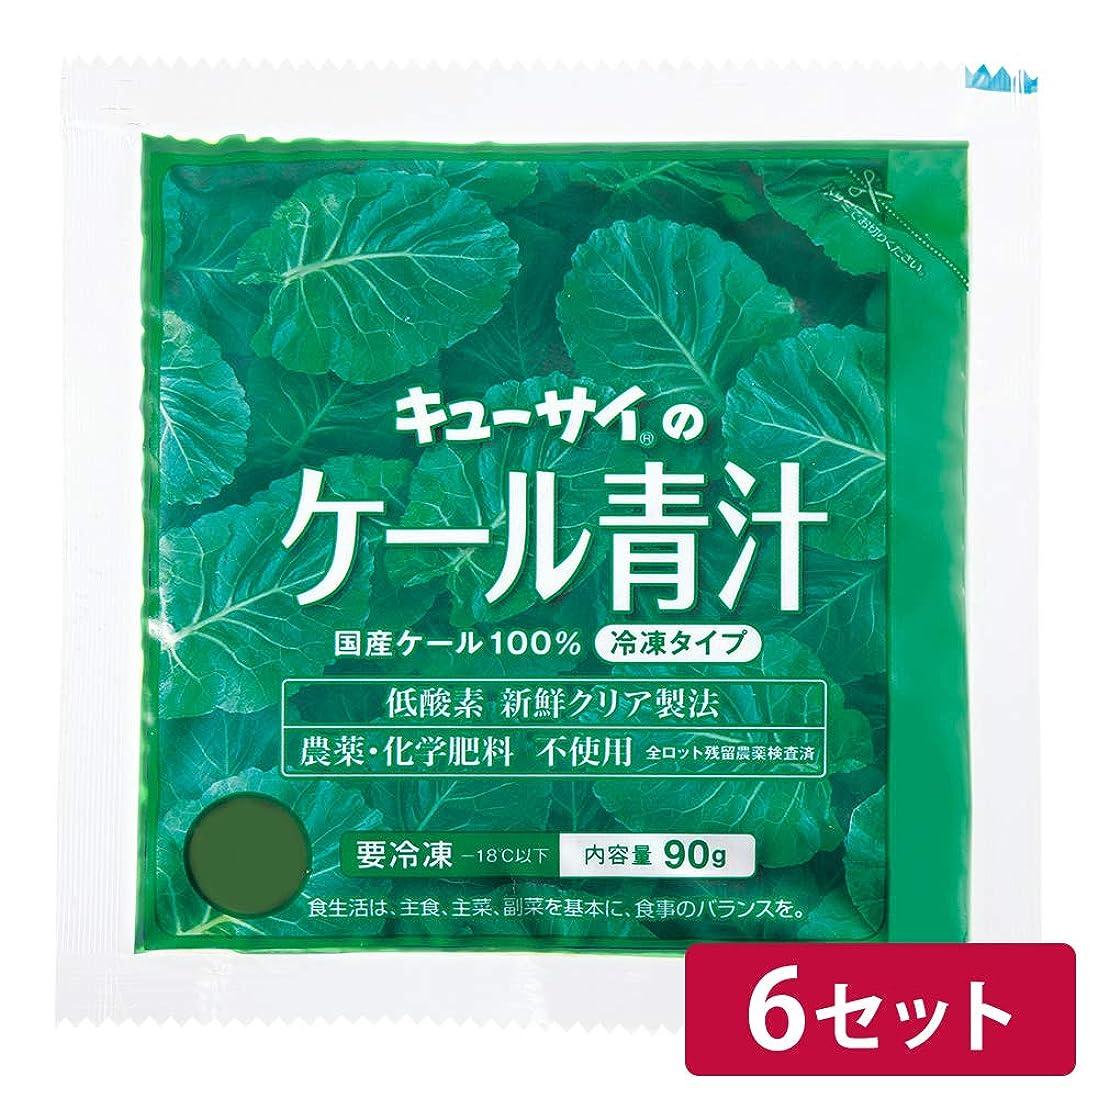 急いで適応的慢なキューサイ青汁(冷凍タイプ)6セット/(90g×7袋)×6 国産ケール100%青汁